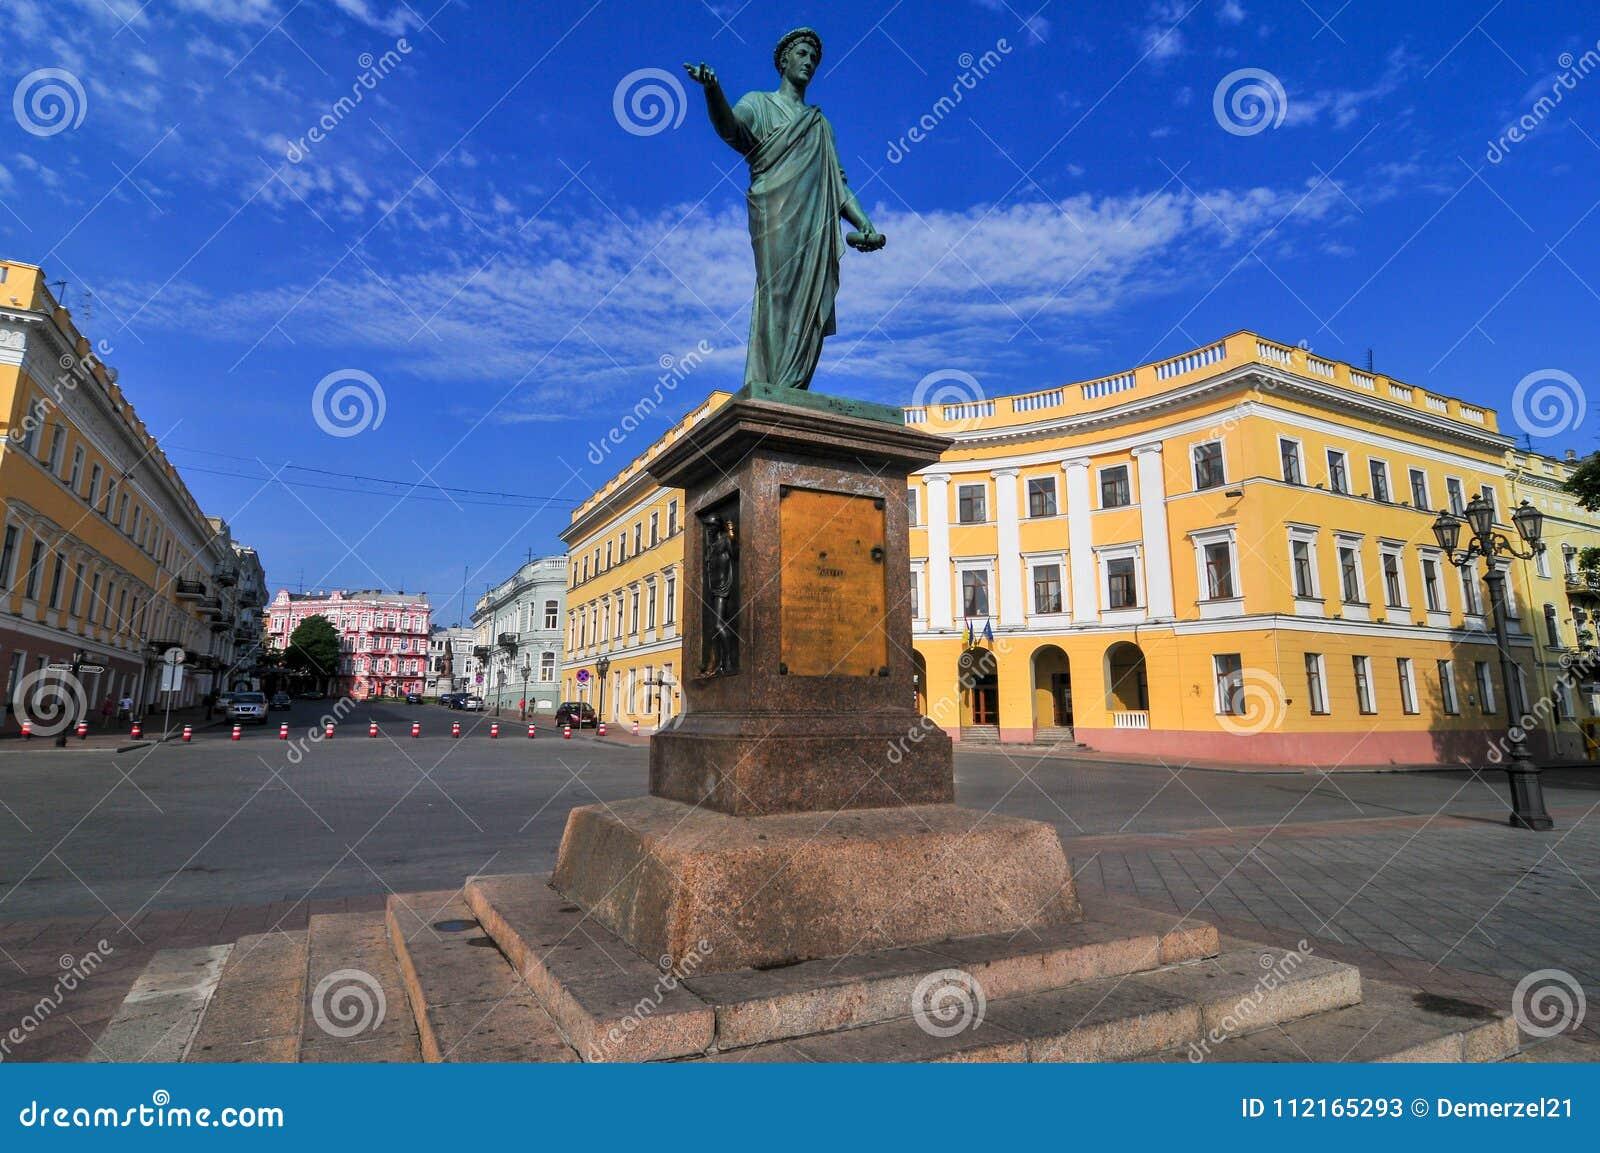 Statua di Duke Richelieu - Odessa, Ucraina